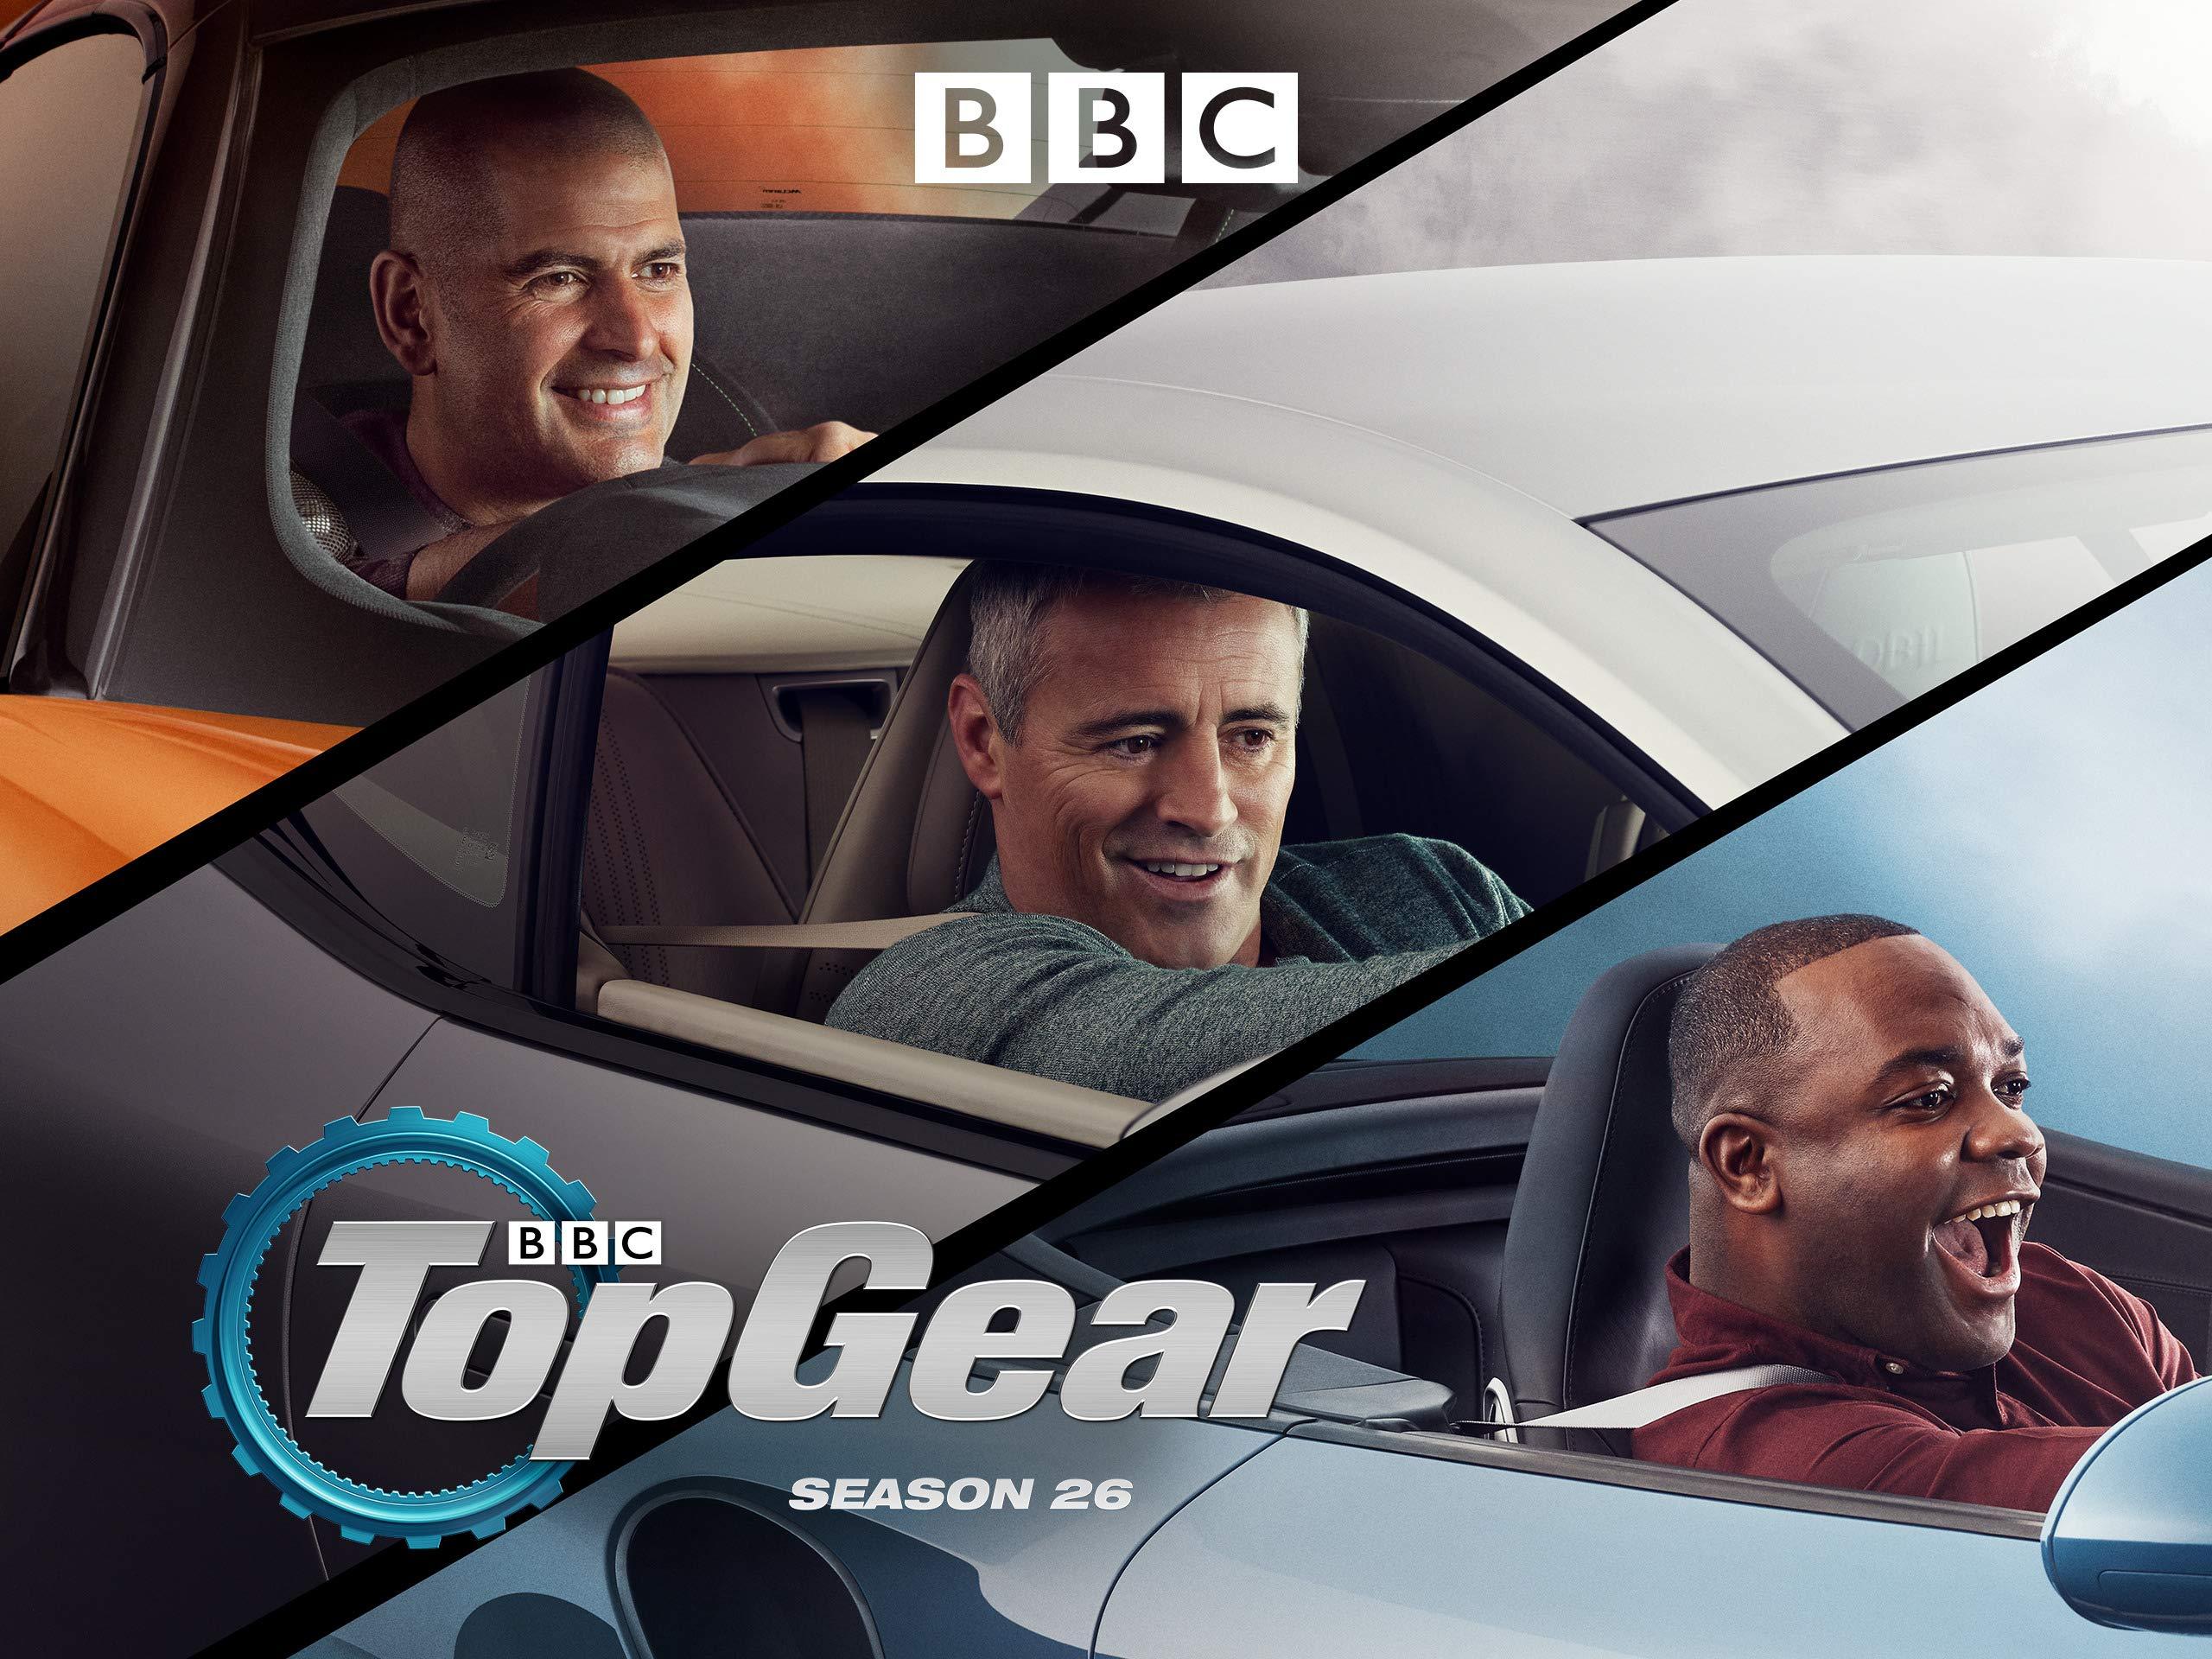 23+ Top Gear Season 9 Episode 3